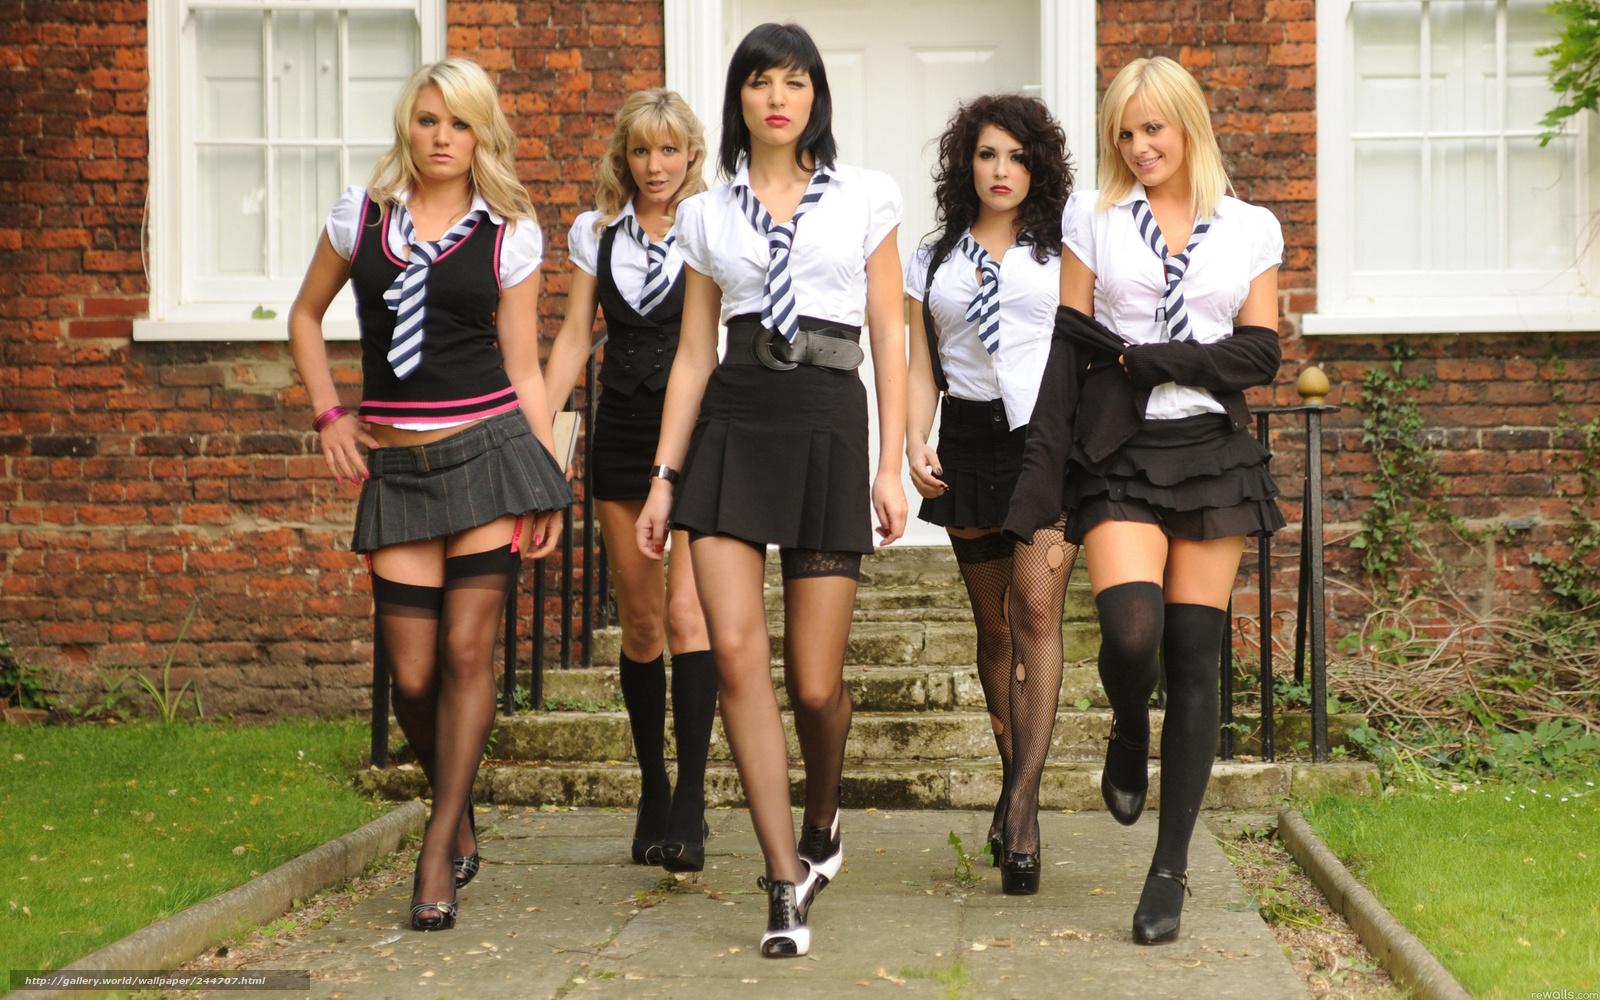 ученицы в каротких юбках скачать фото